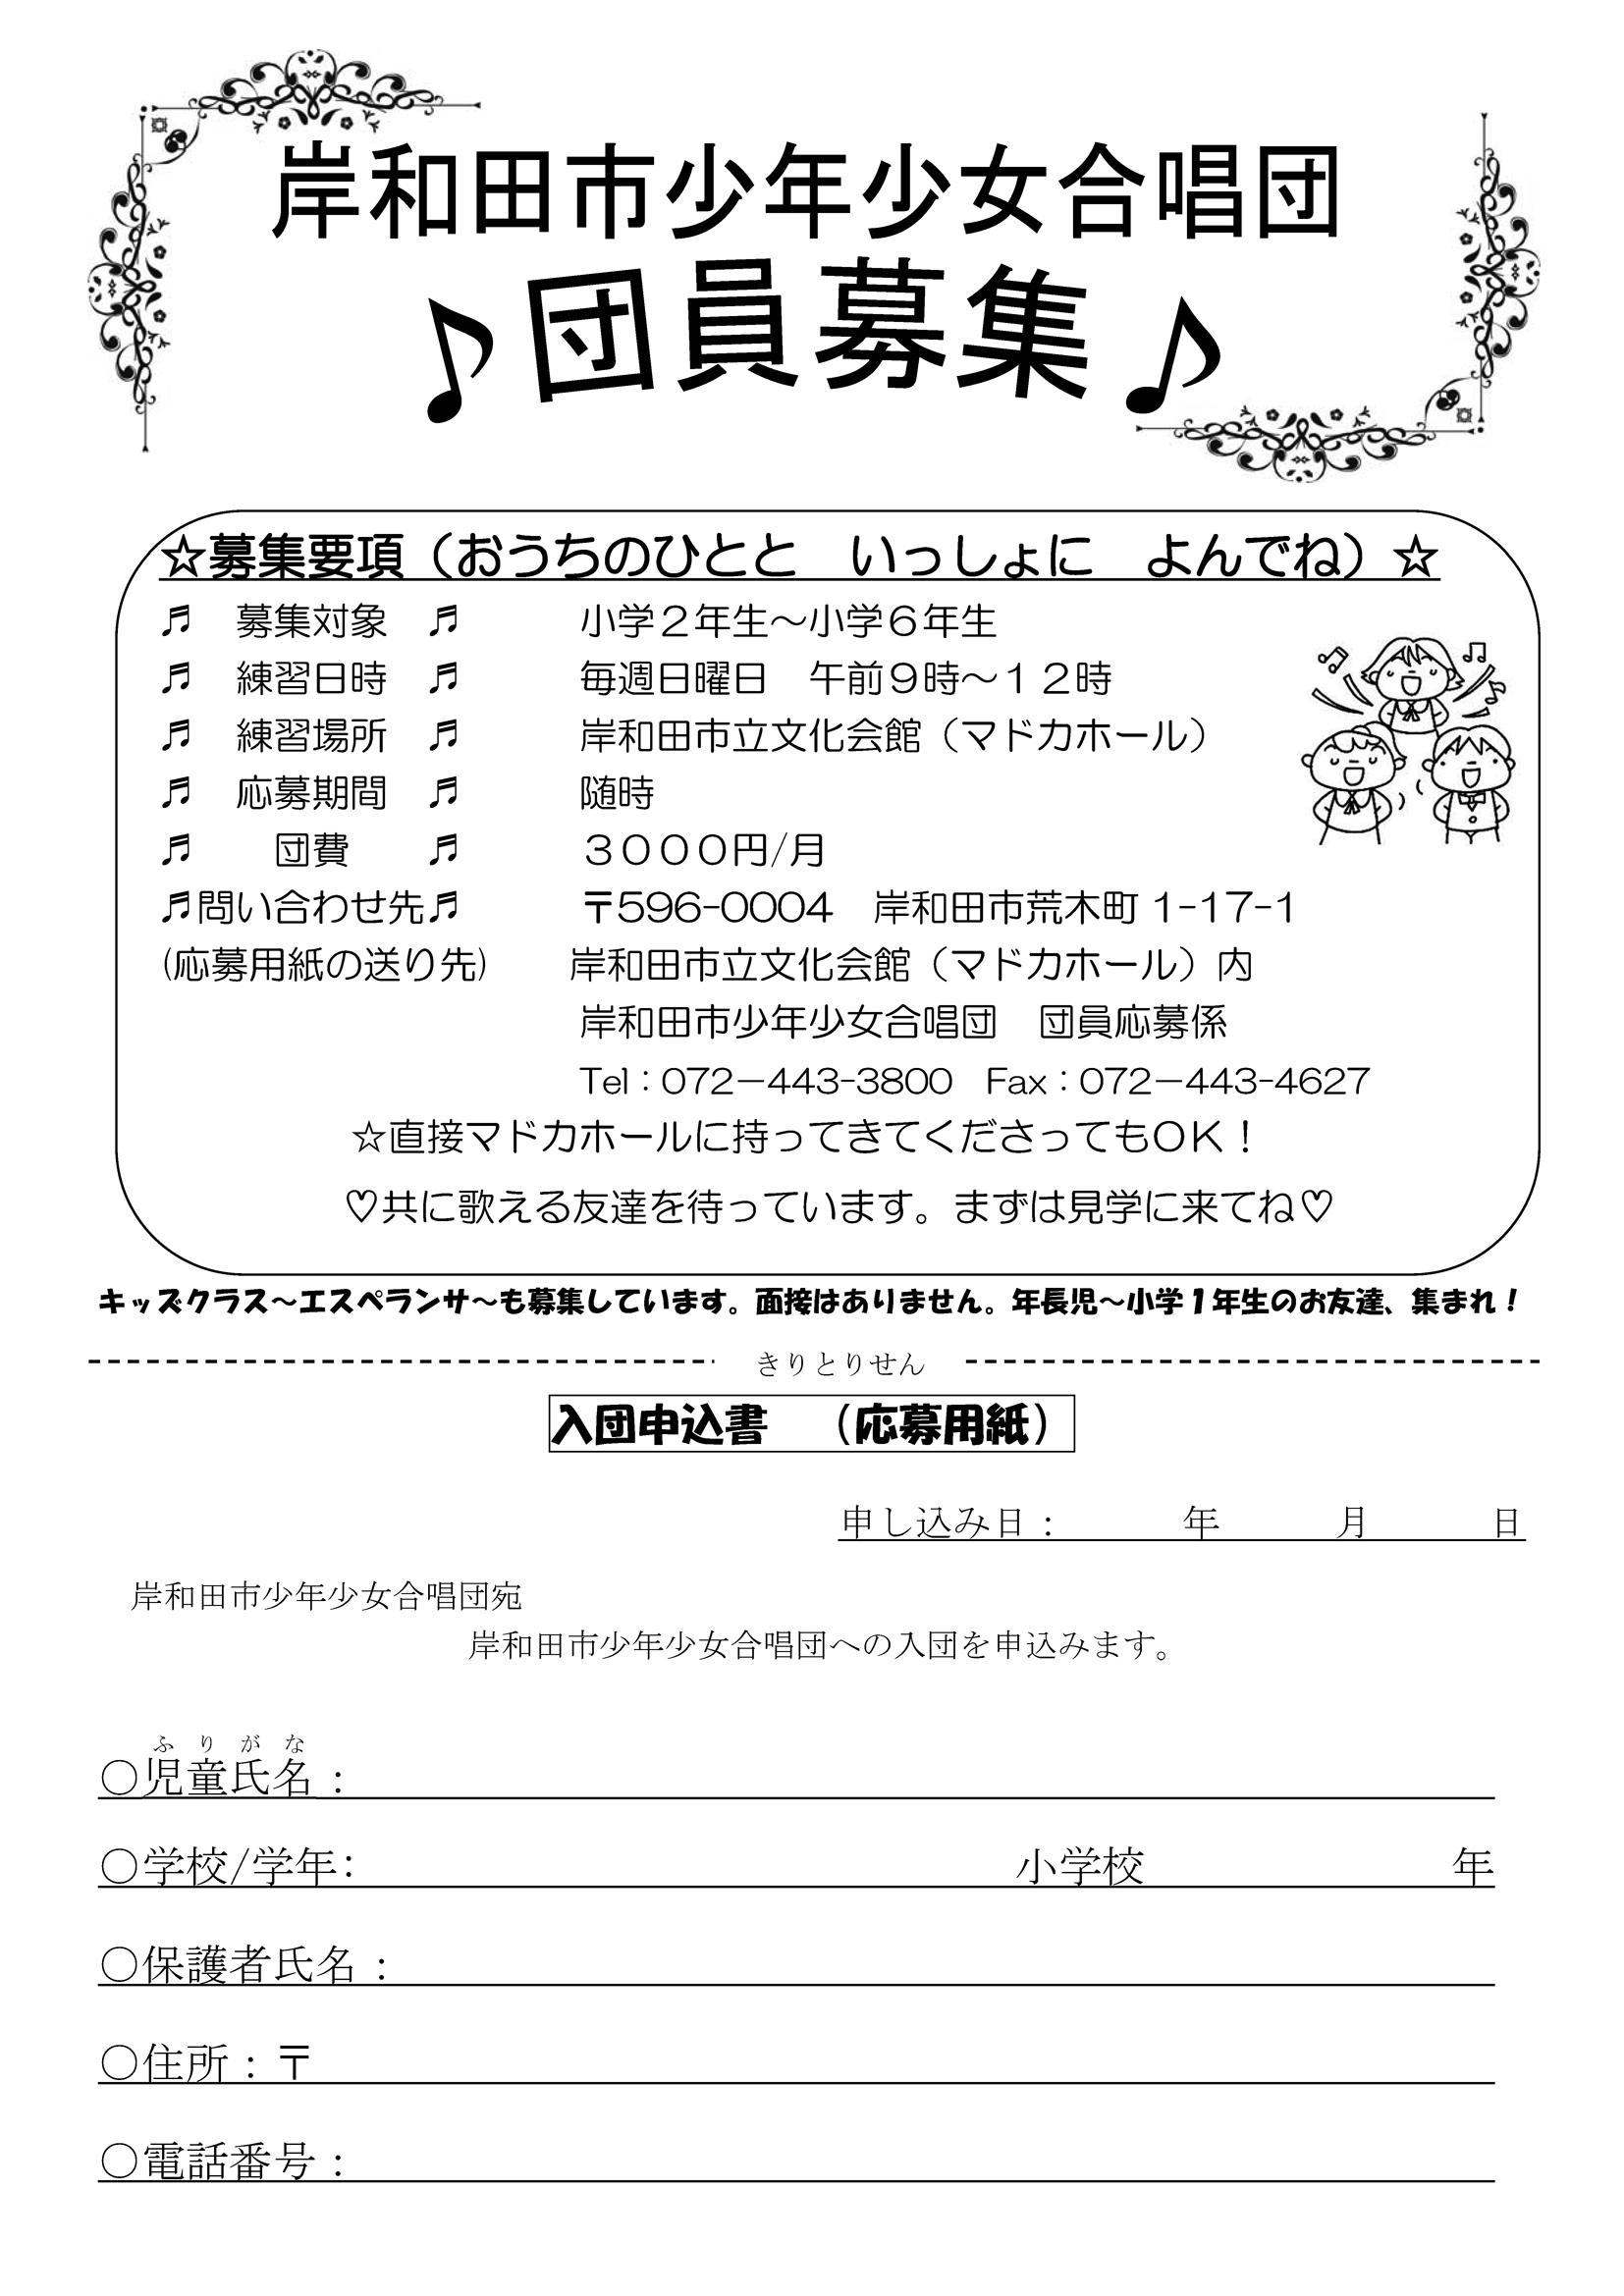 KBGC_bosyuu